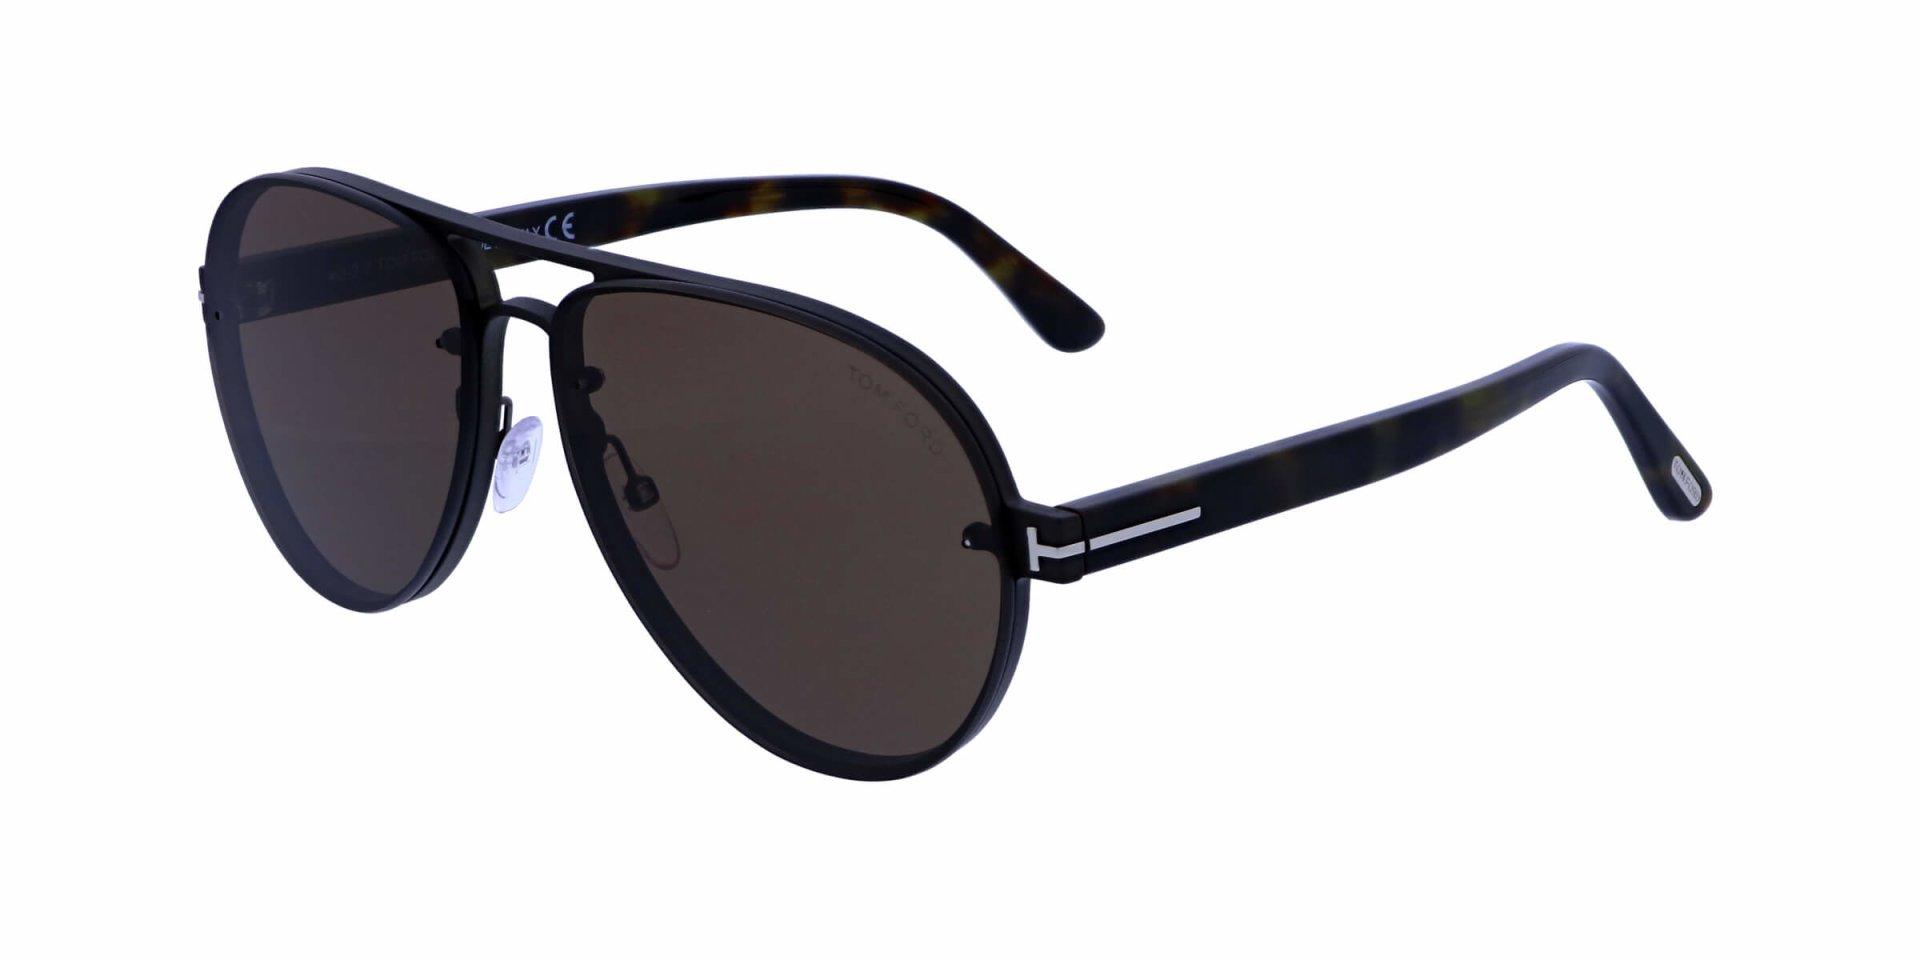 10d7b32ce8 Sunglasses TOM FORD